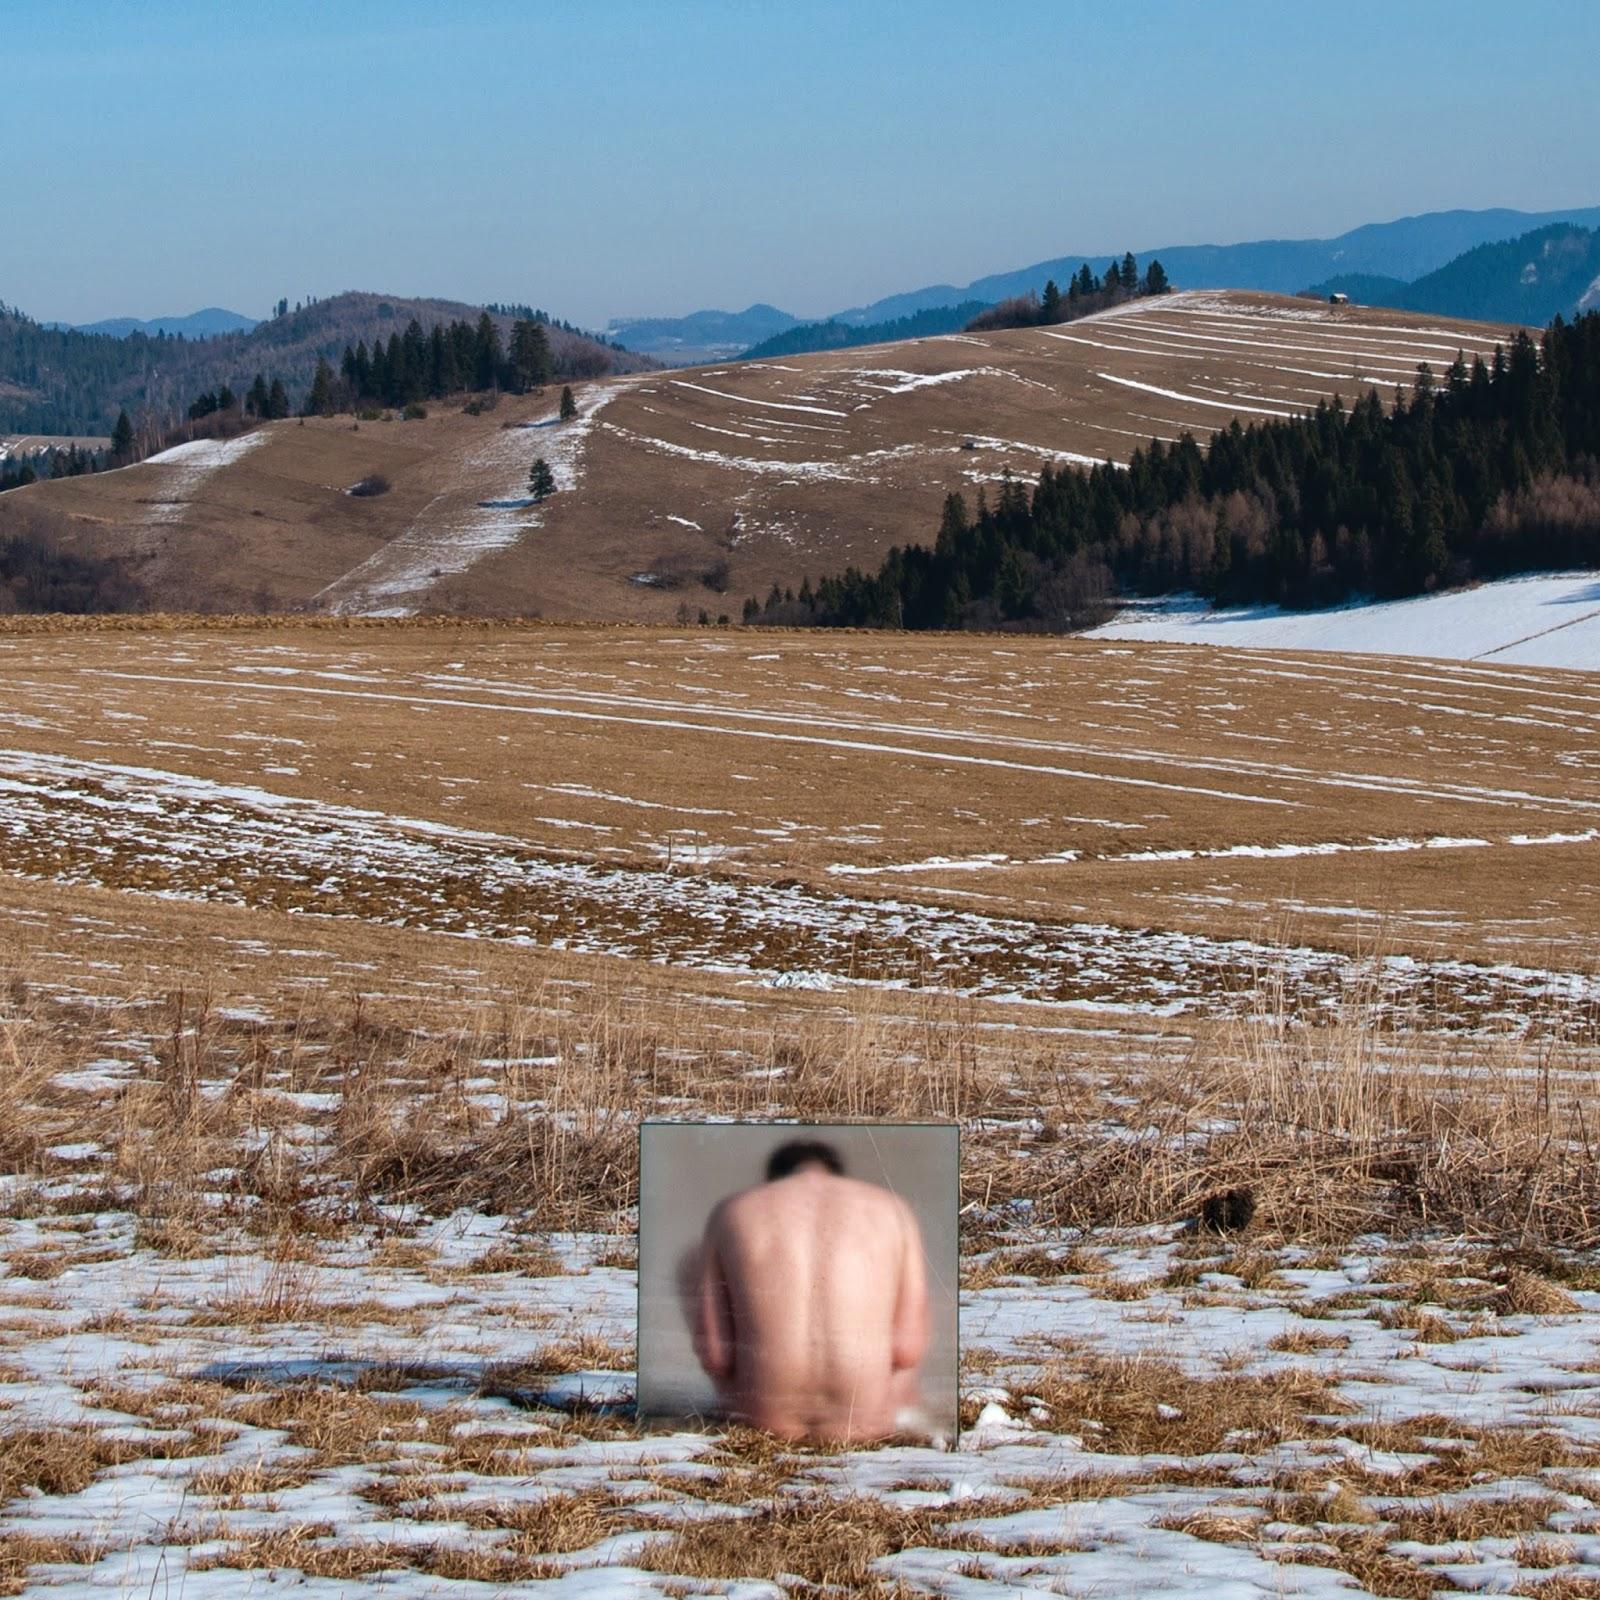 Mateusz Grymek, Memory Cube, digital photography, 2013